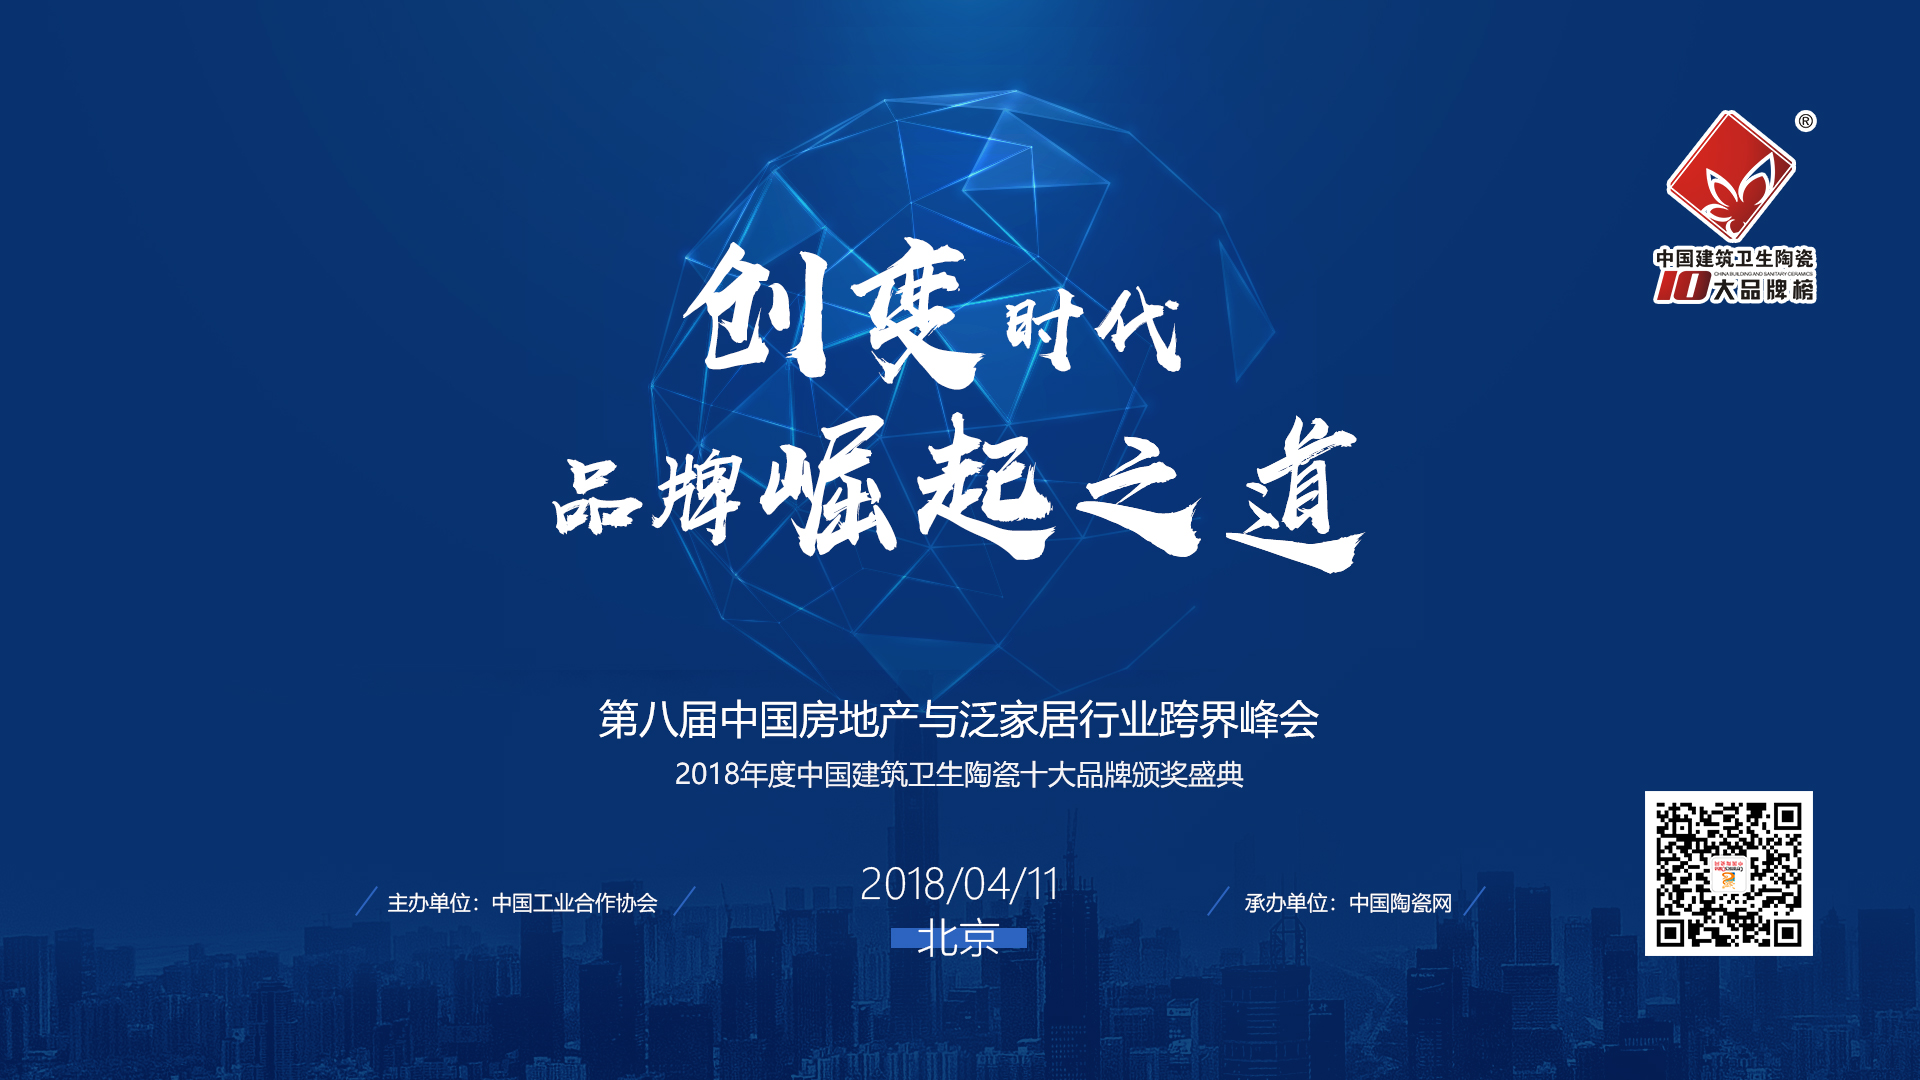 2018年度中国建筑卫生陶瓷十大品牌榜颁奖盛典现场